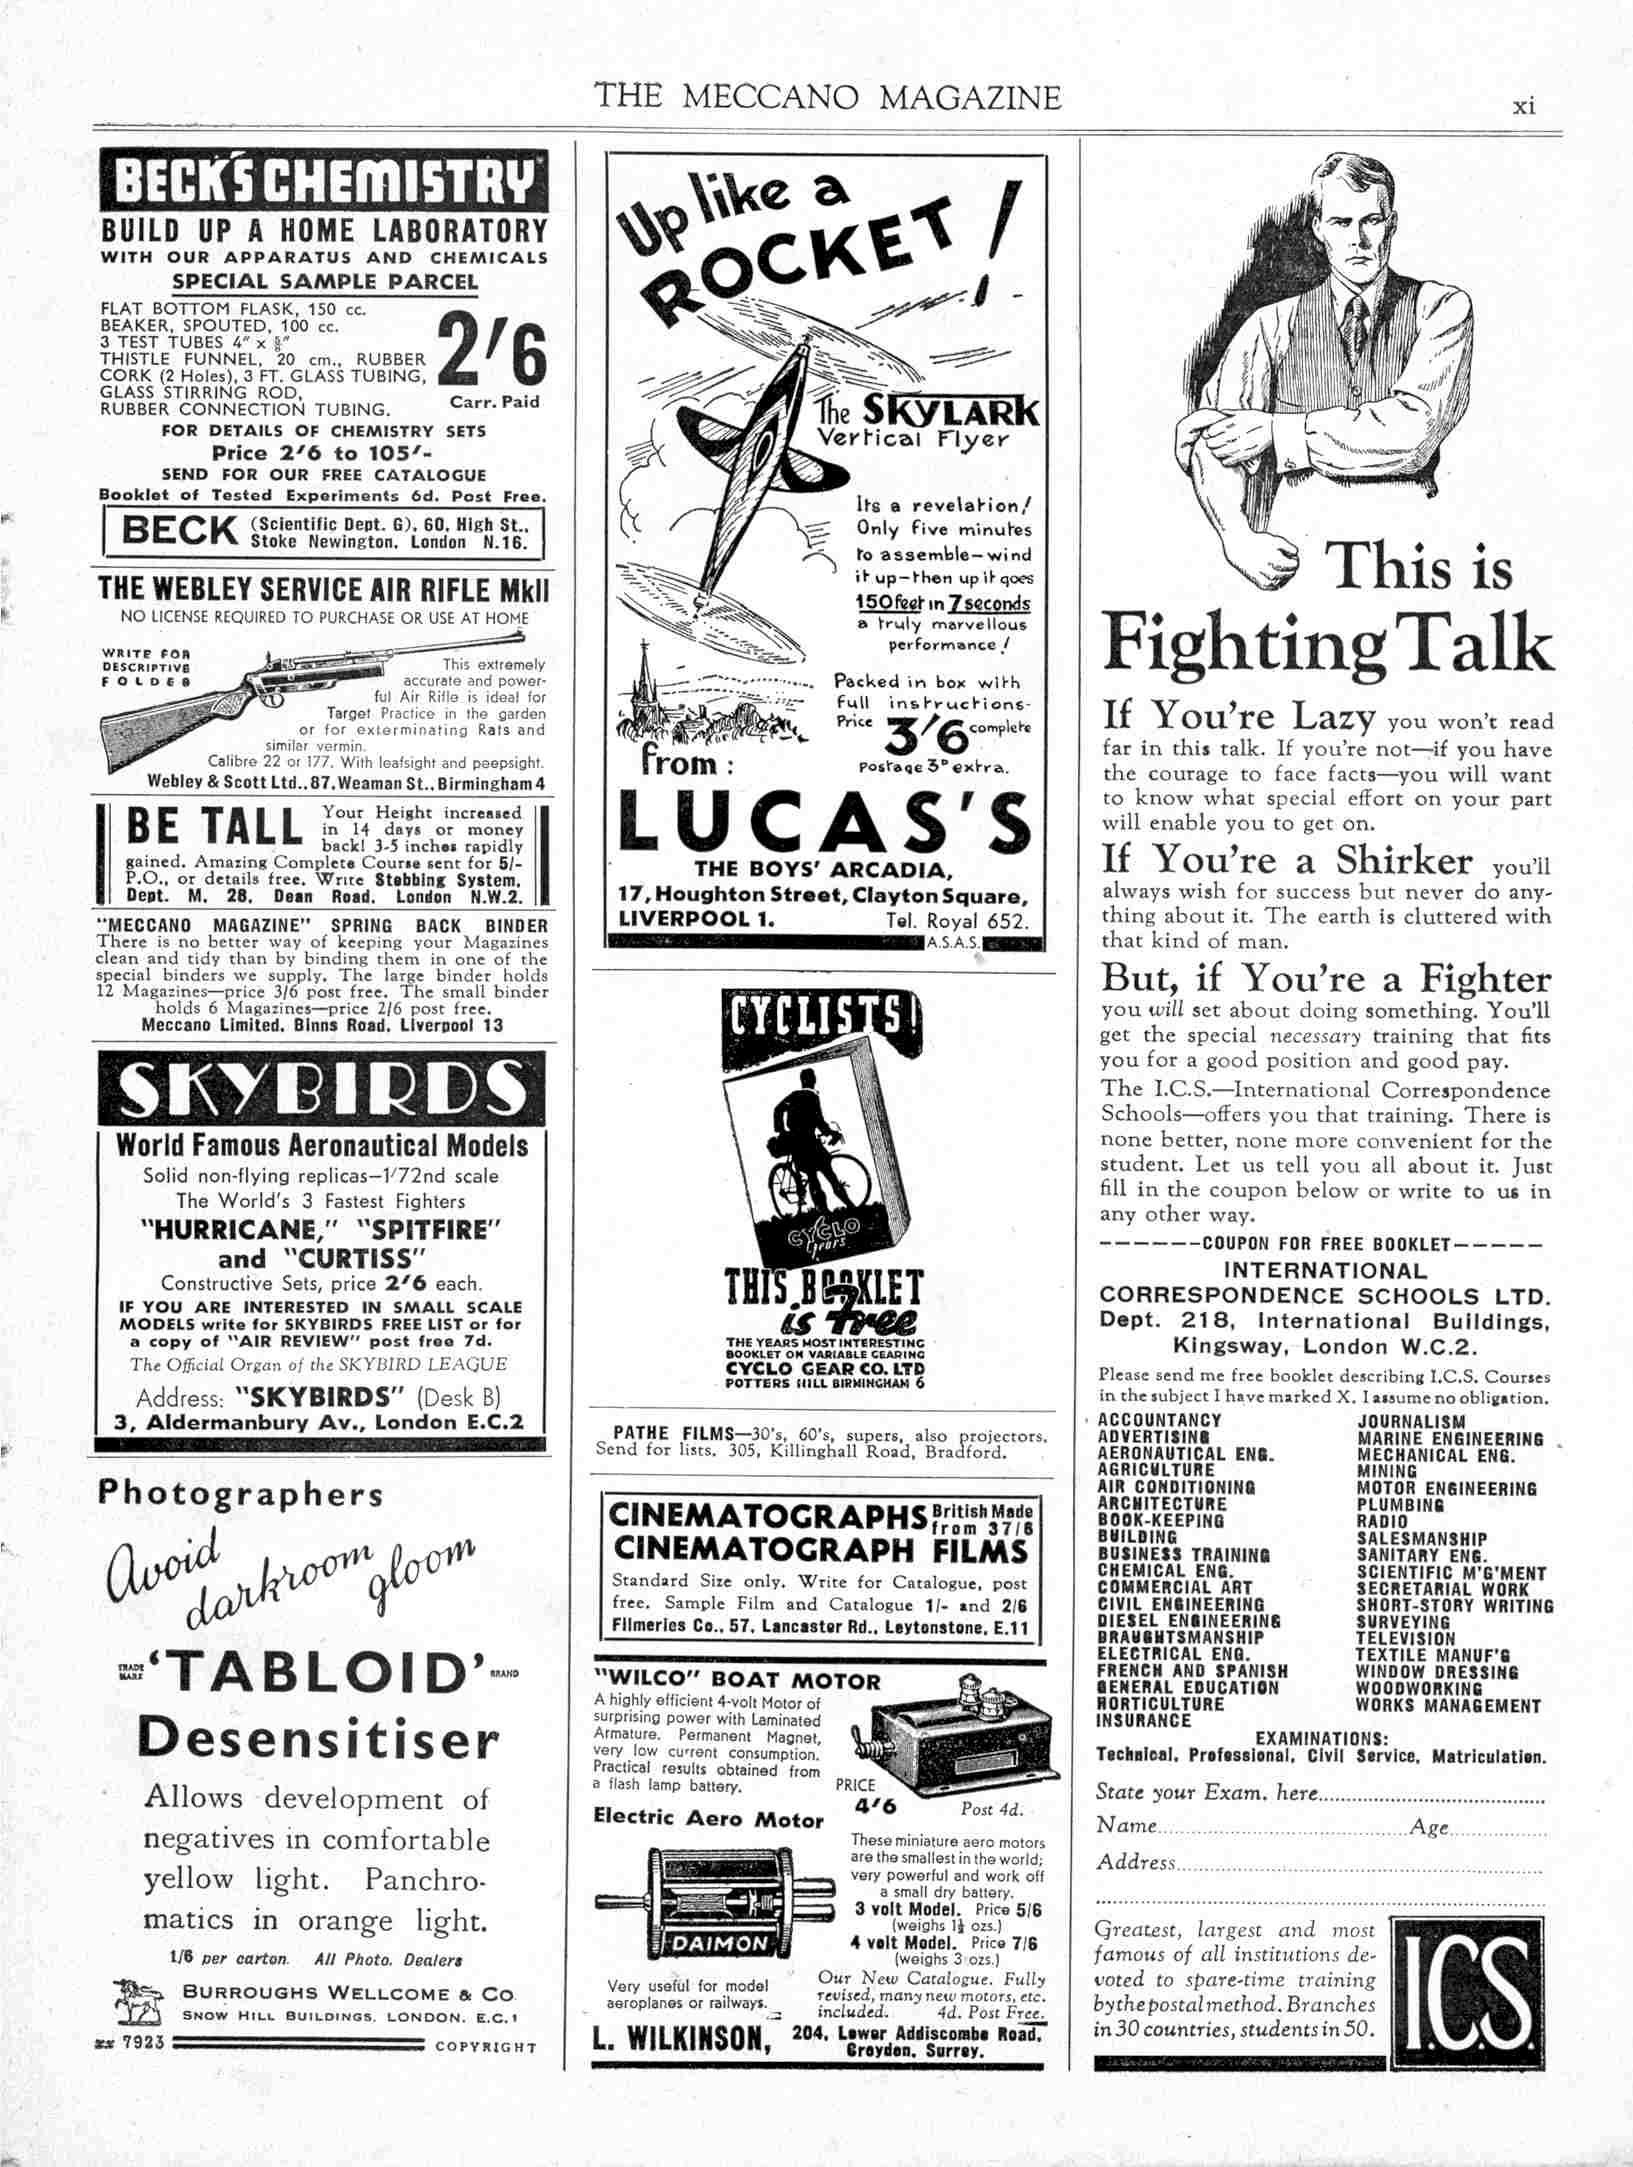 UK Meccano Magazine September 1938 Page xi